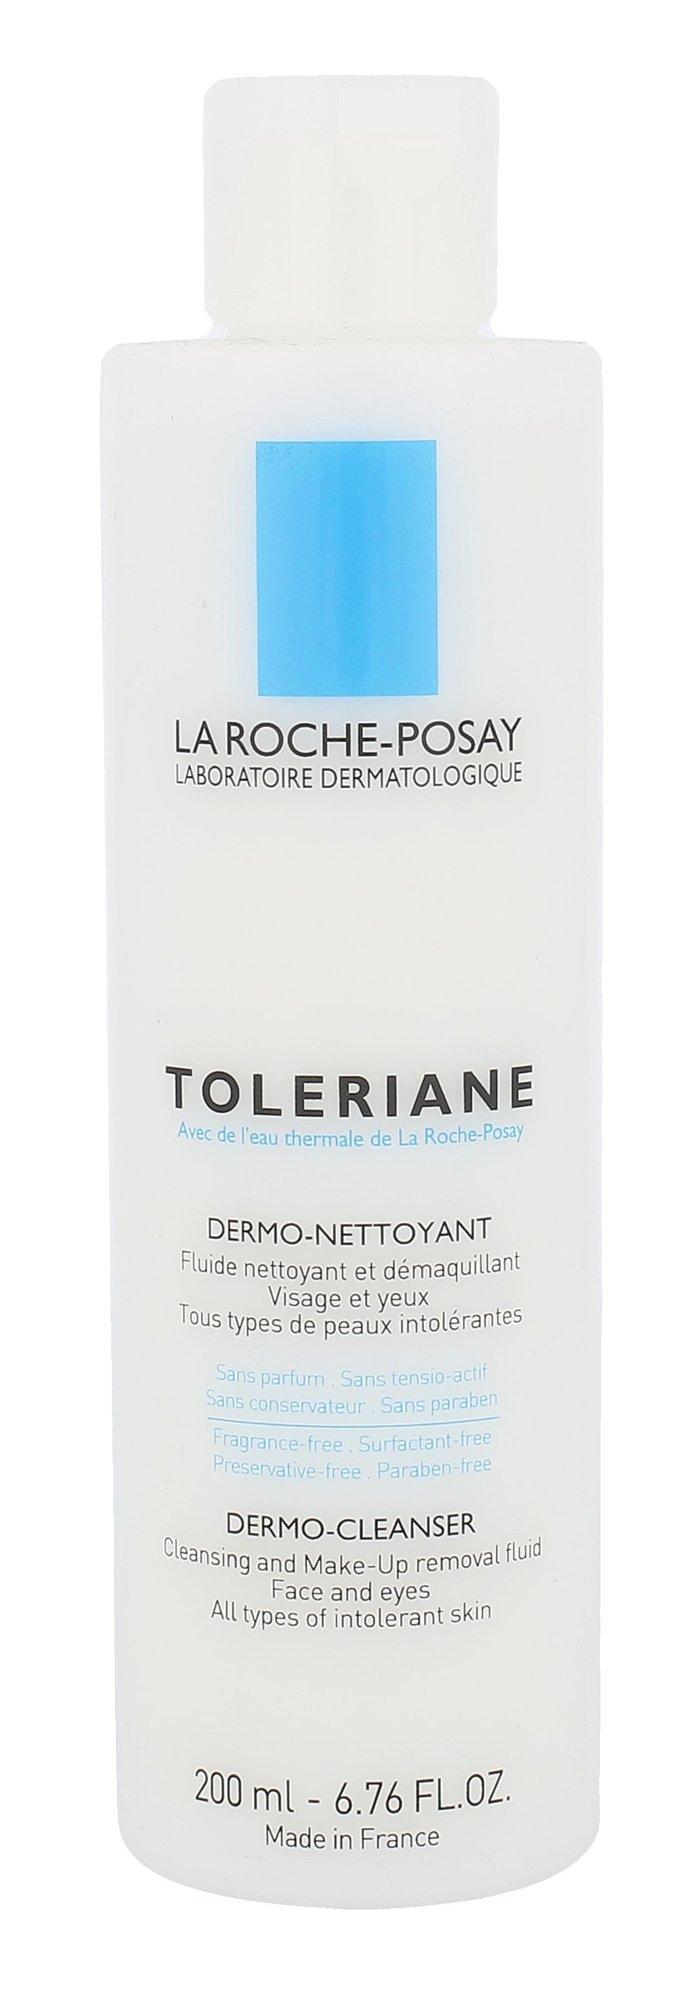 La Roche-Posay Toleriane Cosmetic 200ml